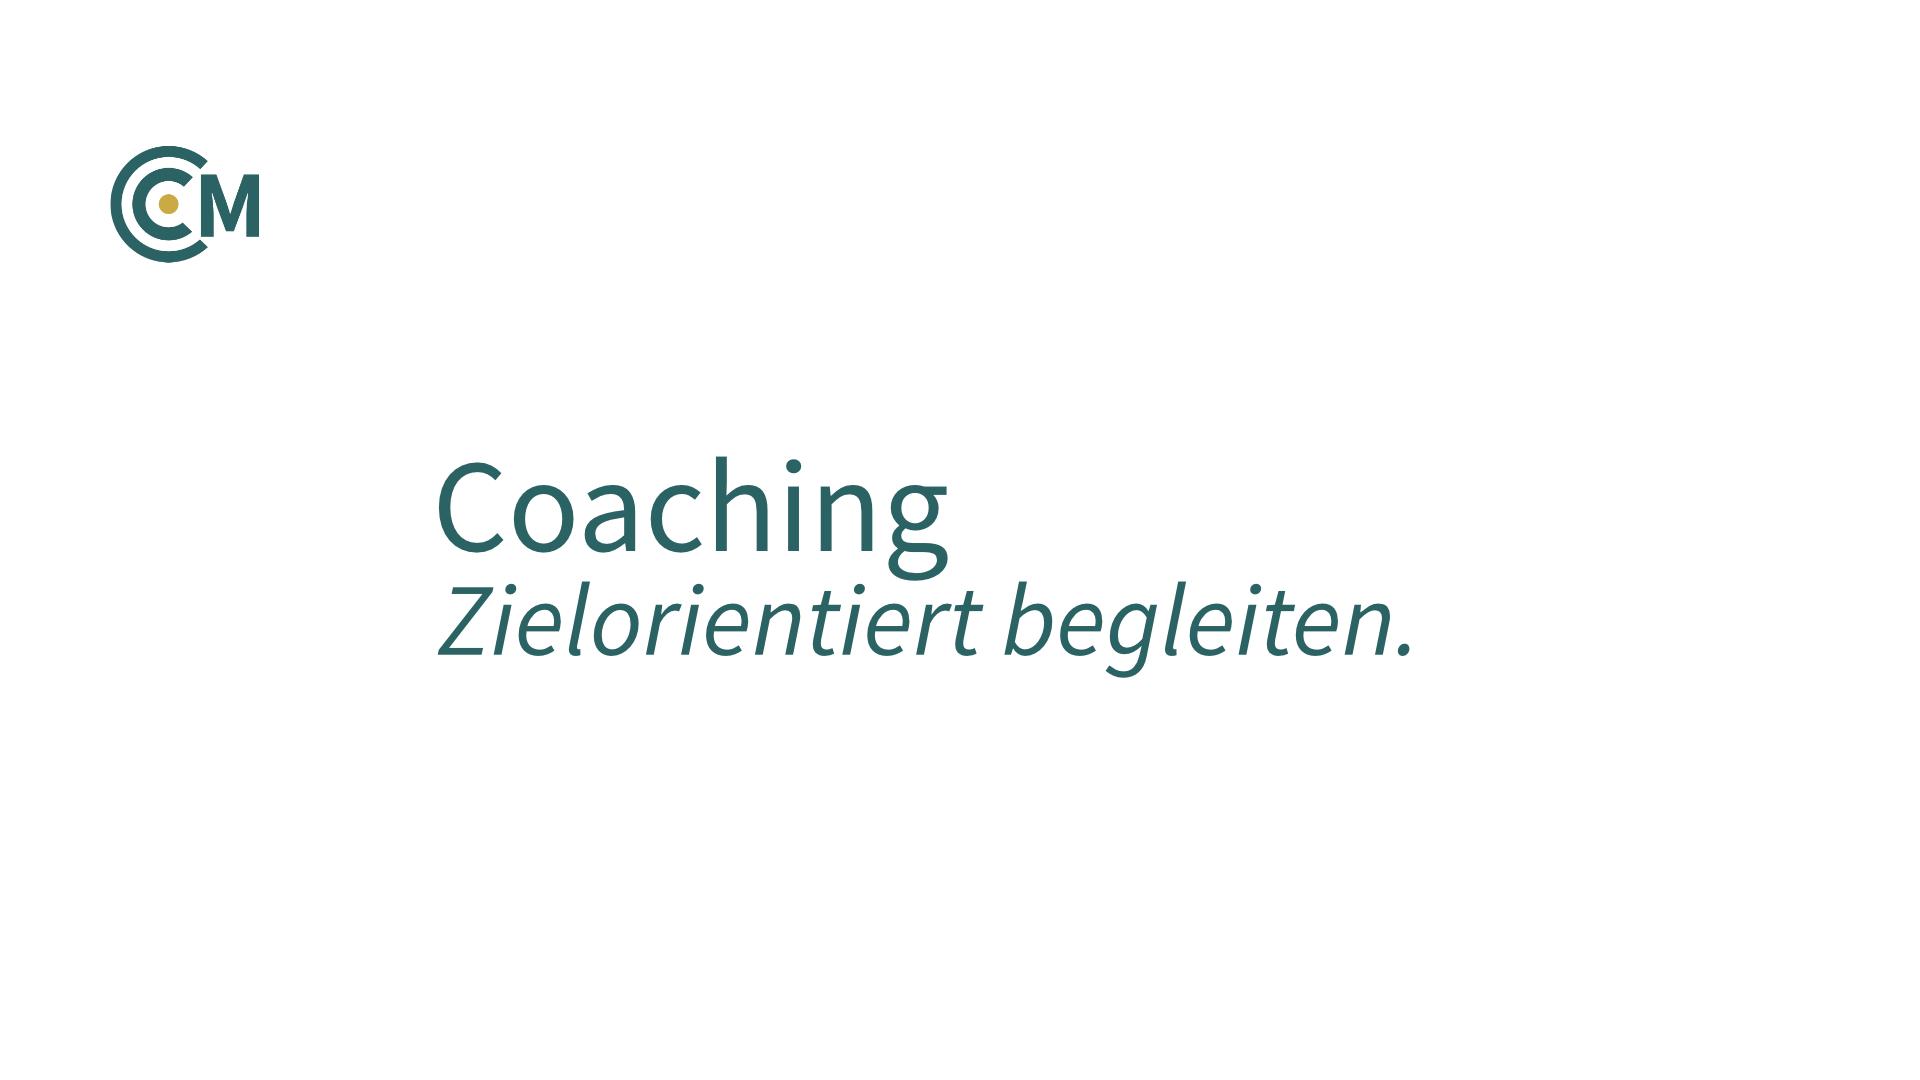 ccm-coaching-zielorientiert.jpg